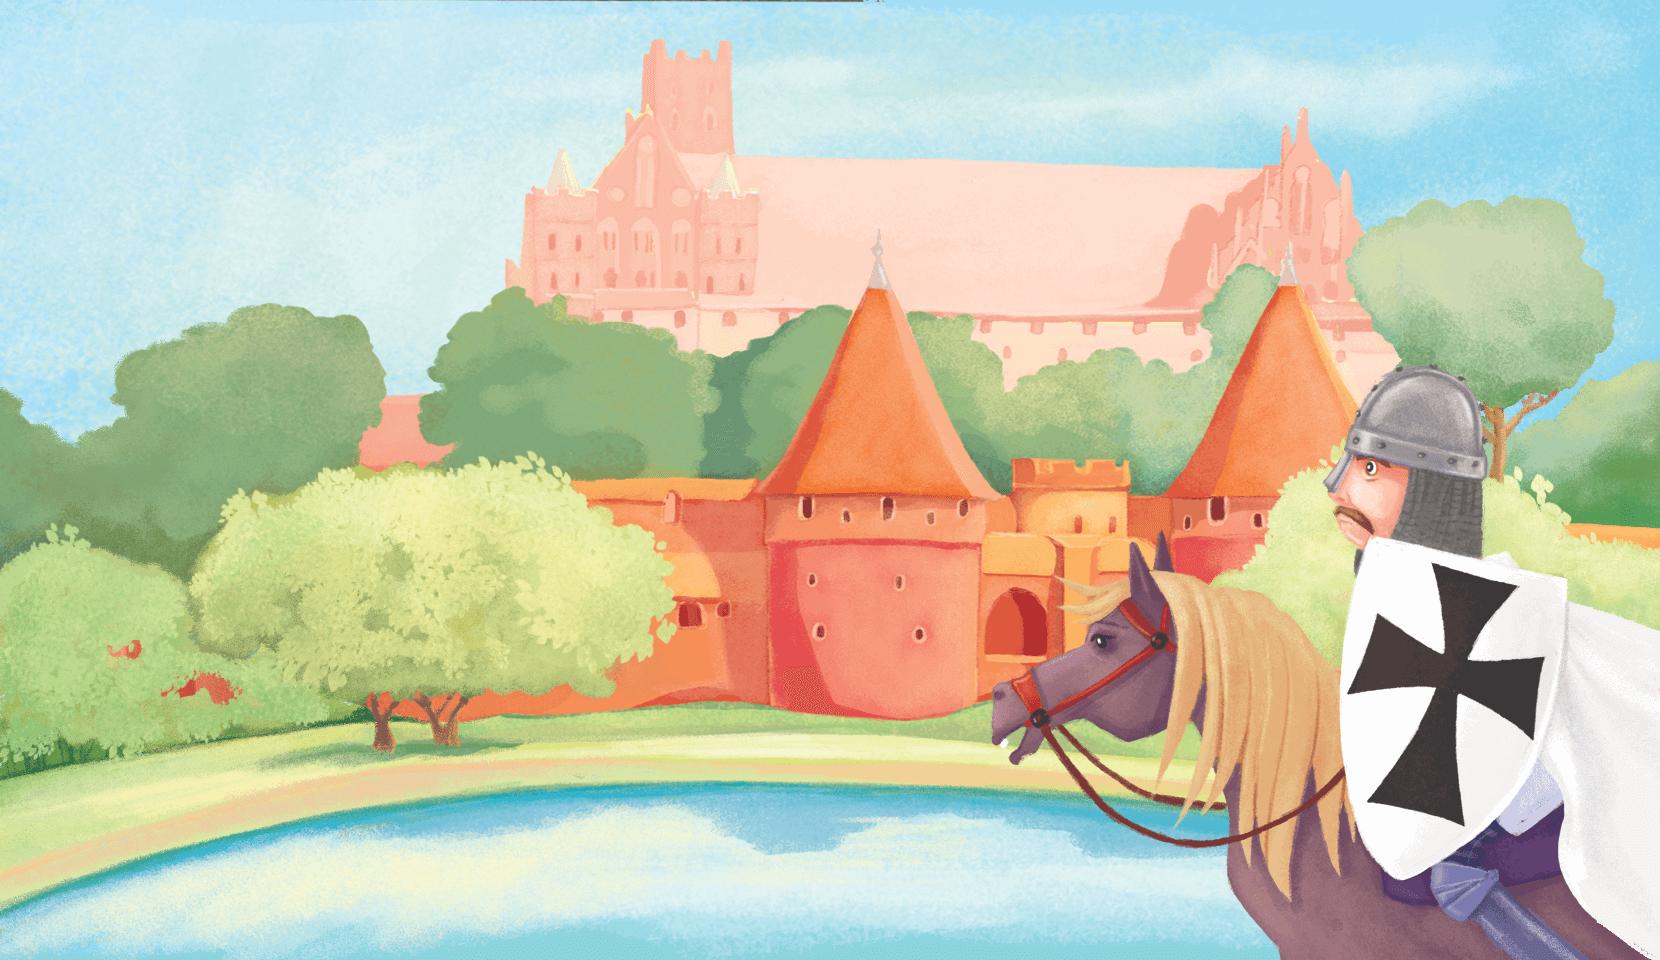 Rycerz na koniu patrzy w stronę zamku za wodą.